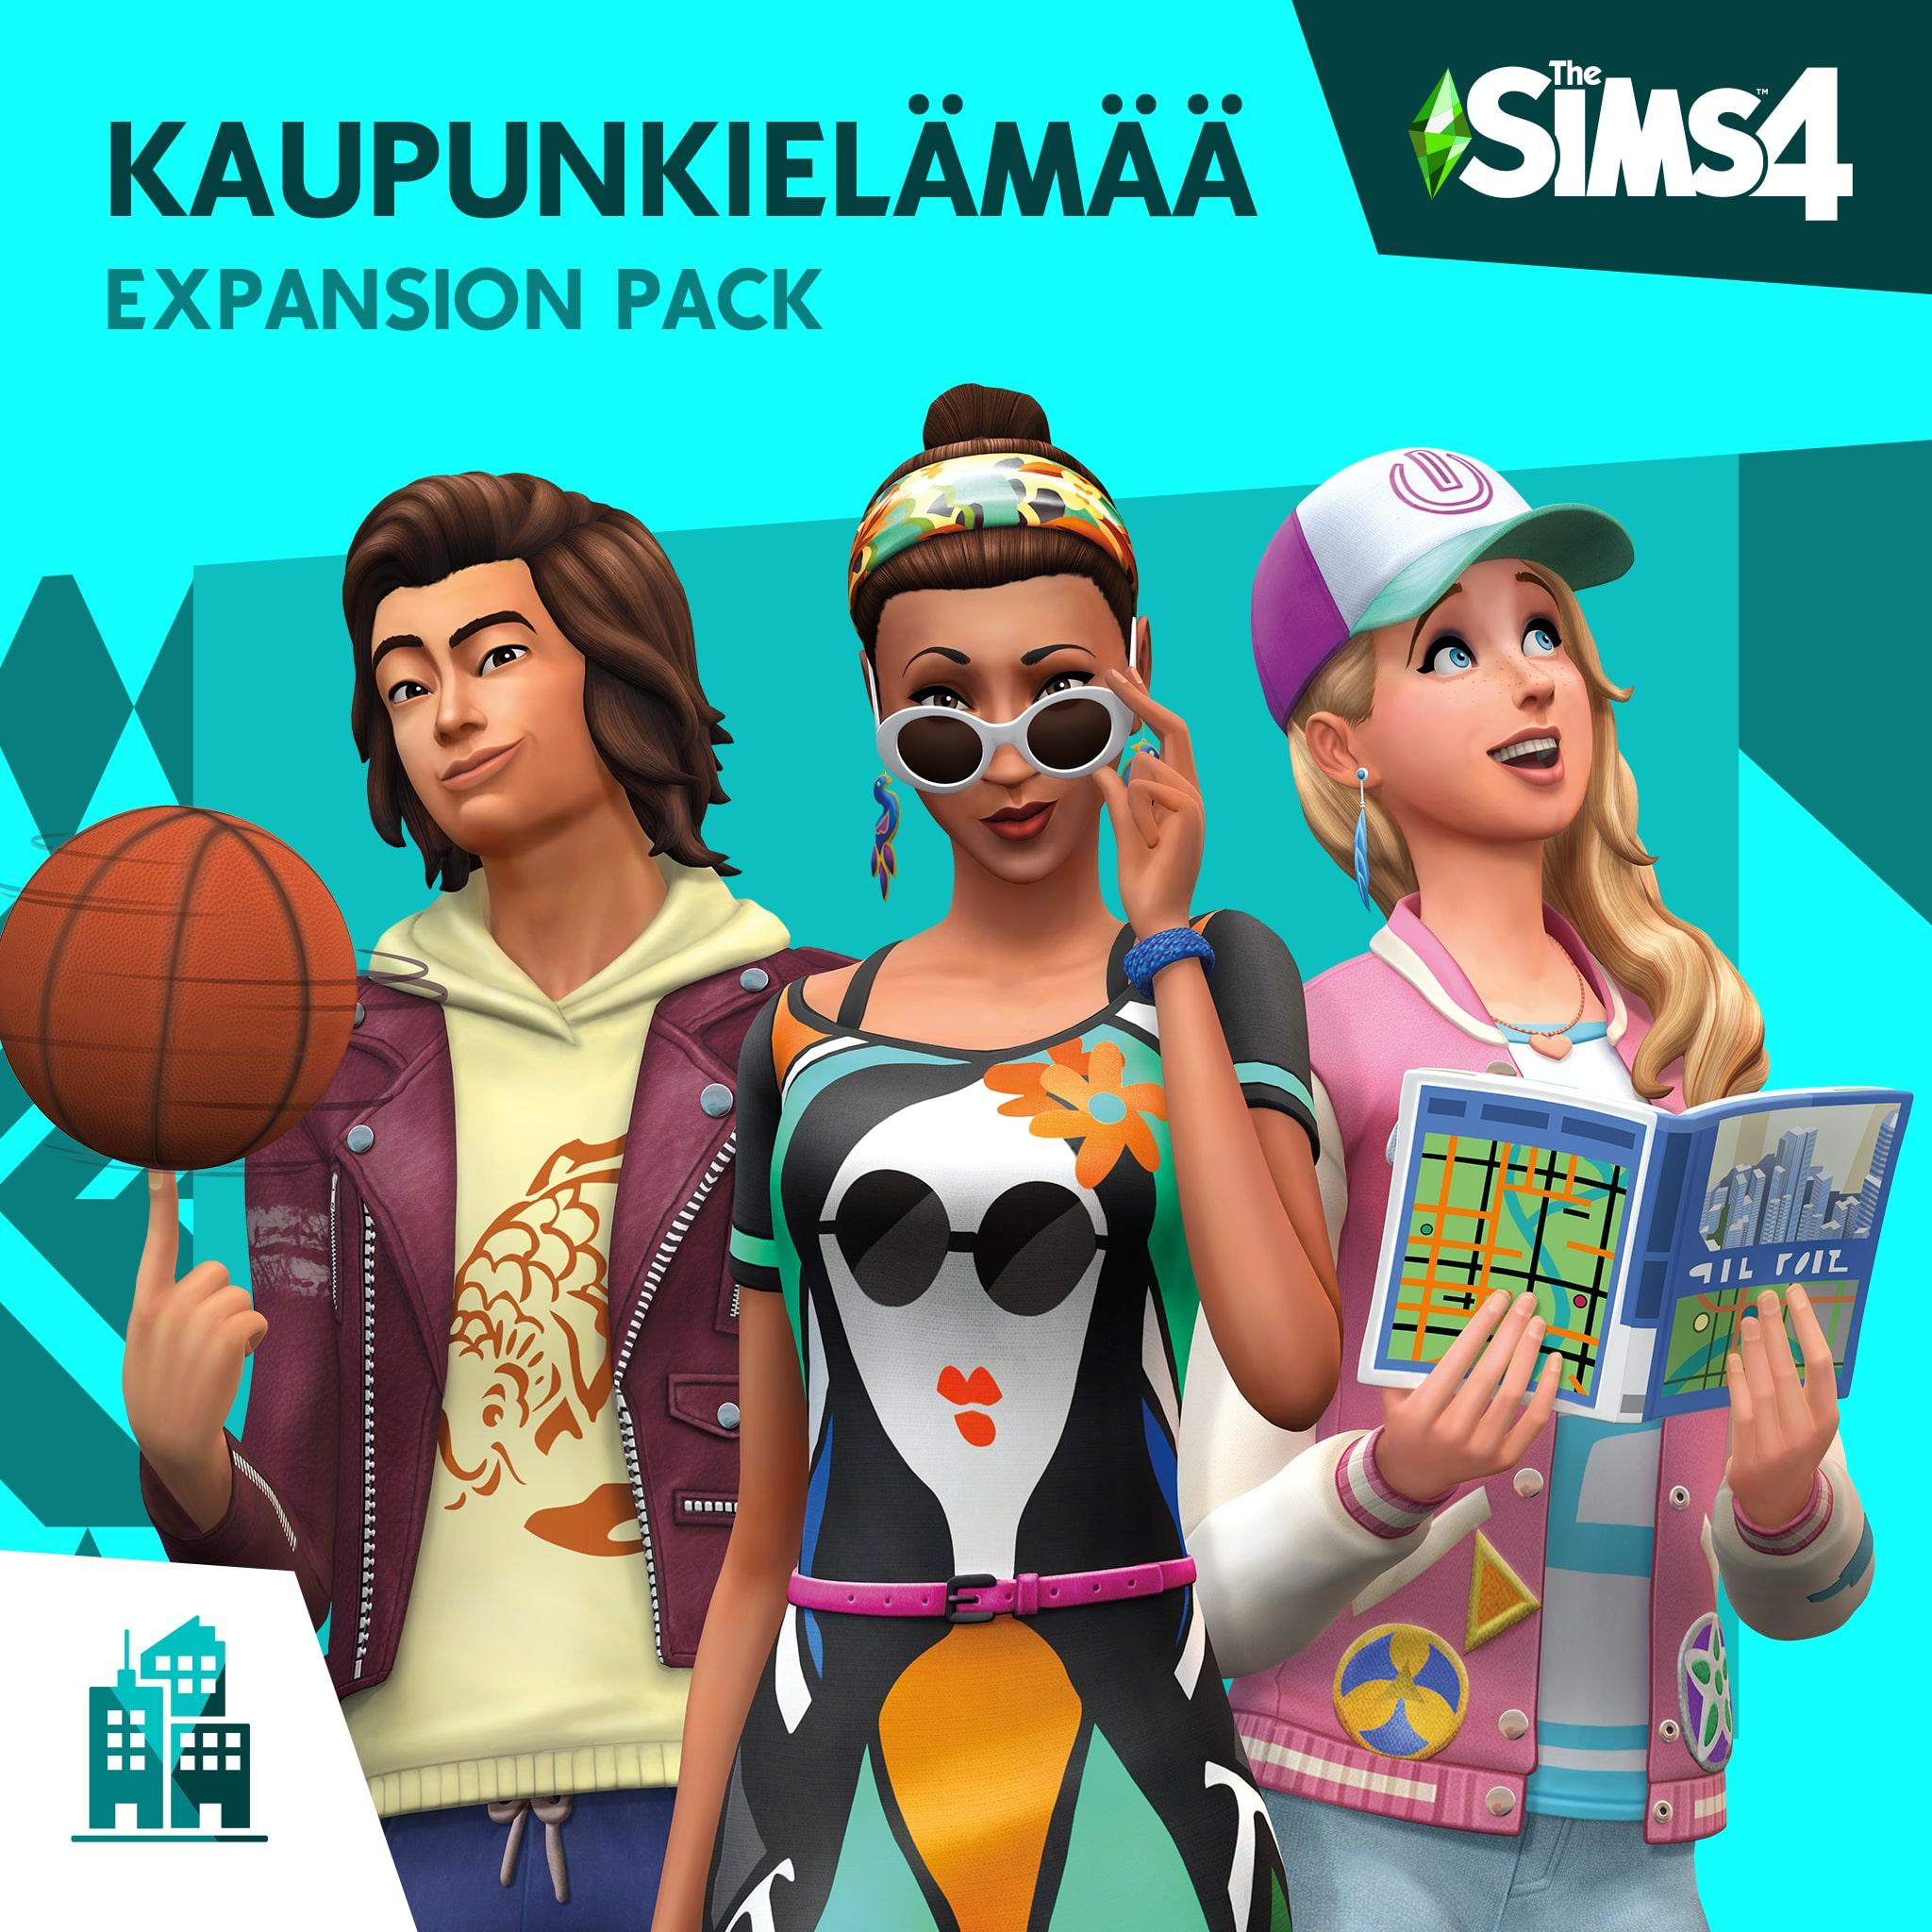 The Sims™ 4 Kaupunkielämää